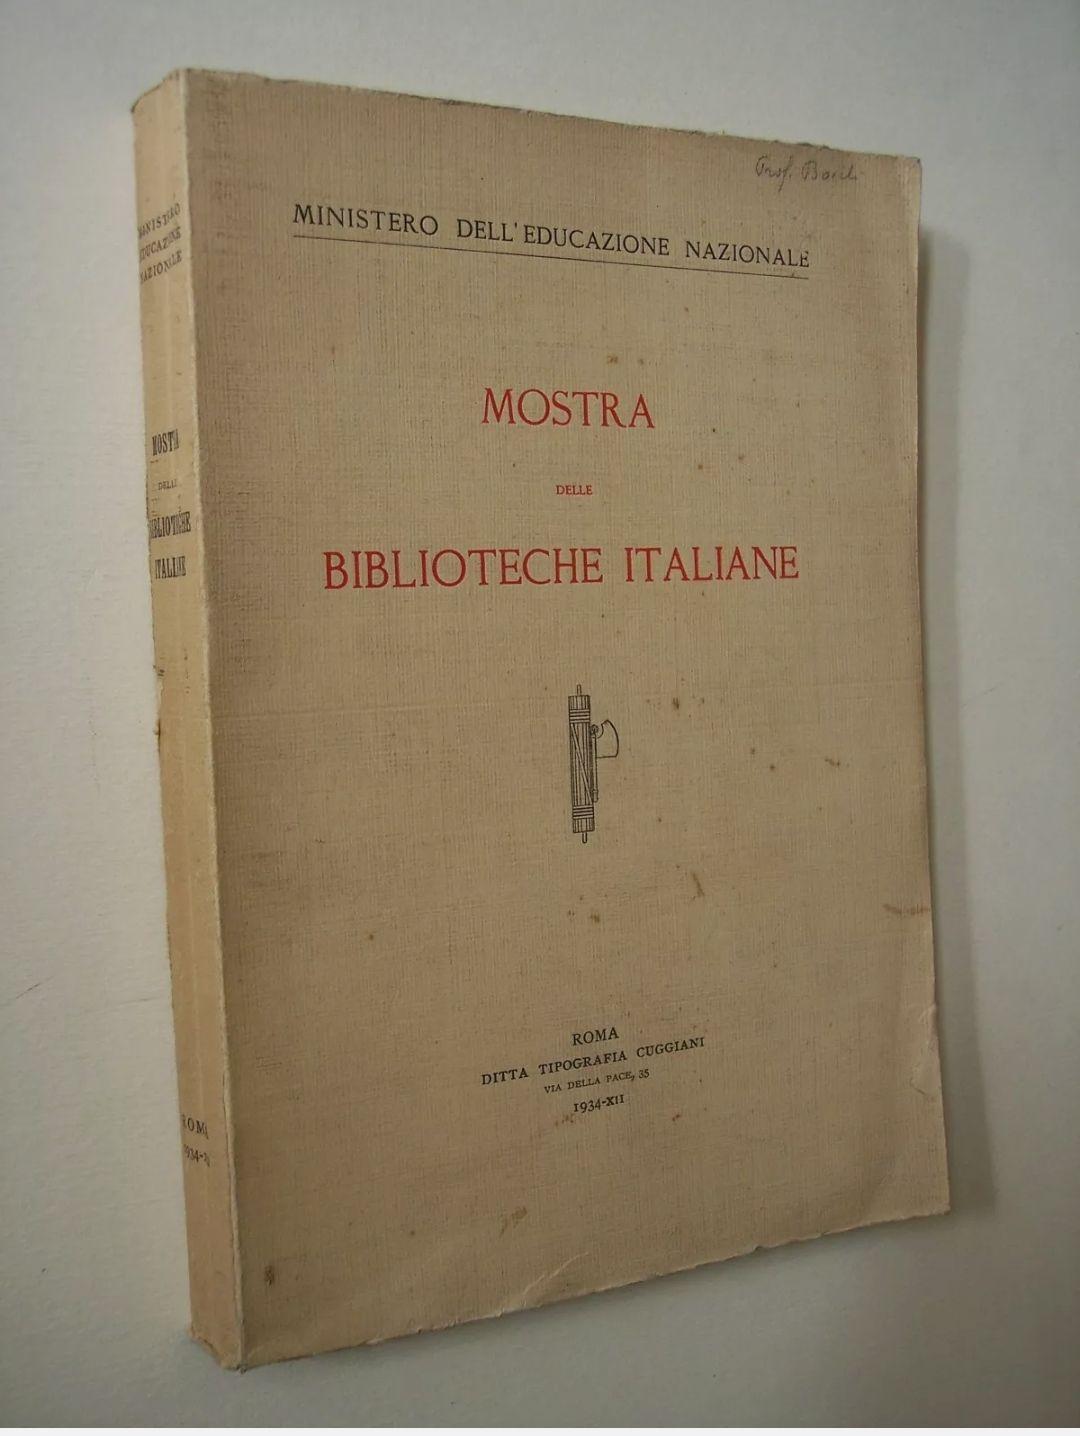 Ministero dell'Educazione Nazionale MOSTRA DELLE BIBLIOTECHE ITALIANE 1934 – raro